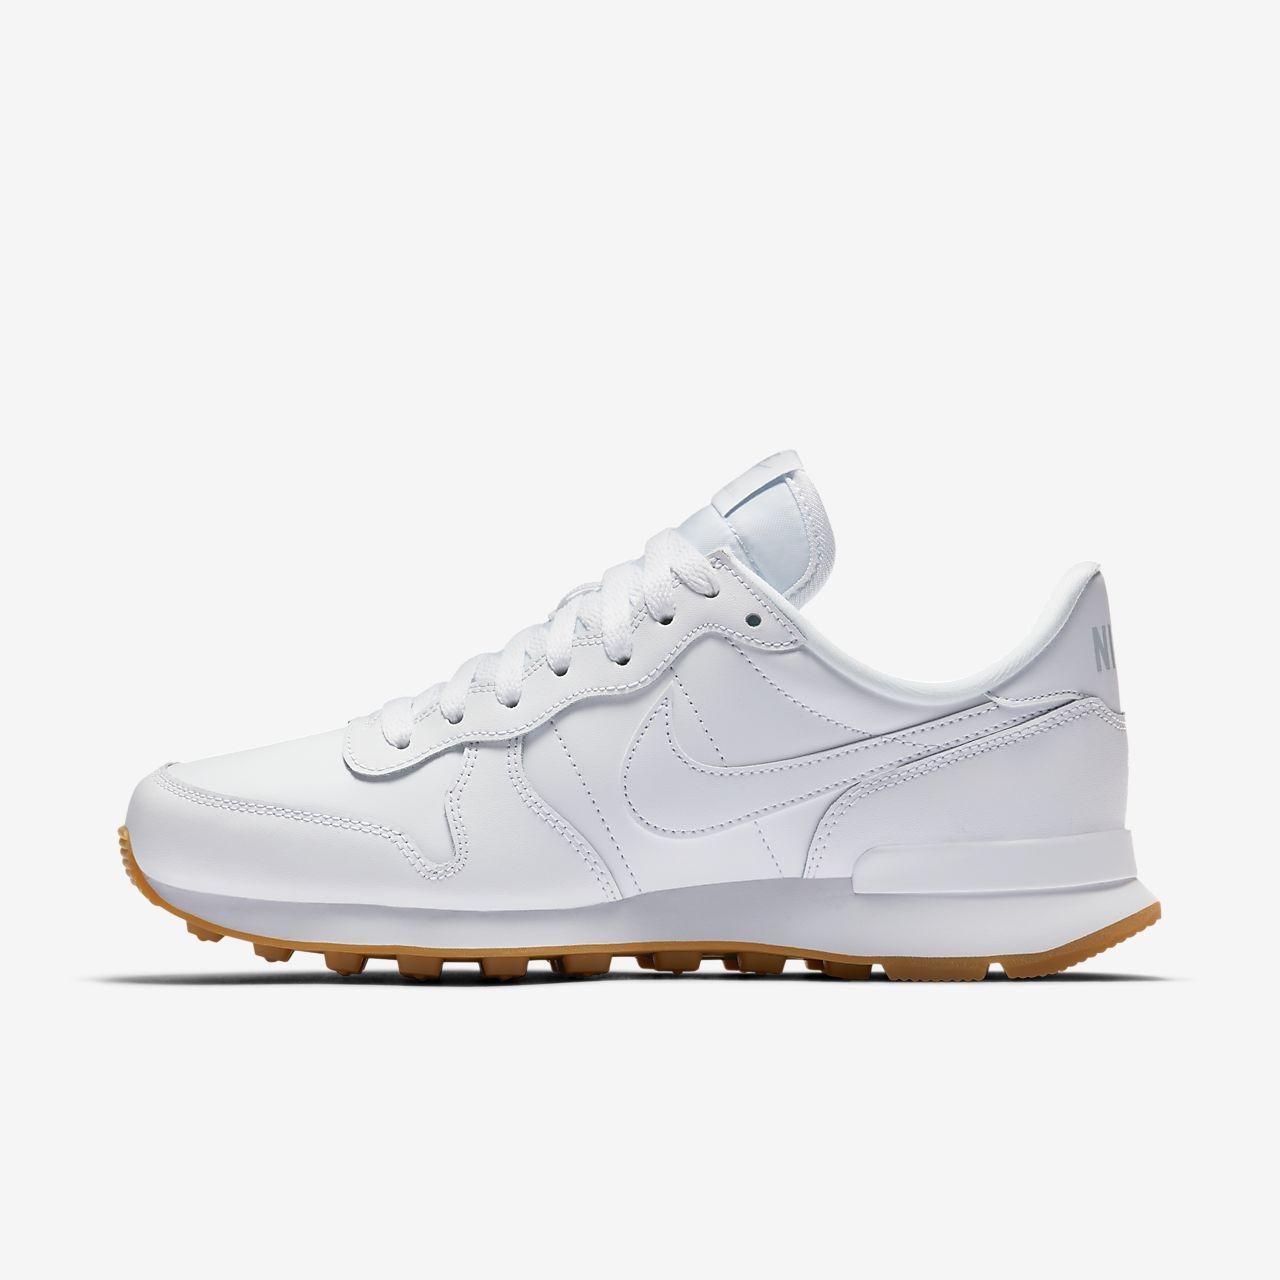 รองเท้าผู้หญิง Nike Internationalist